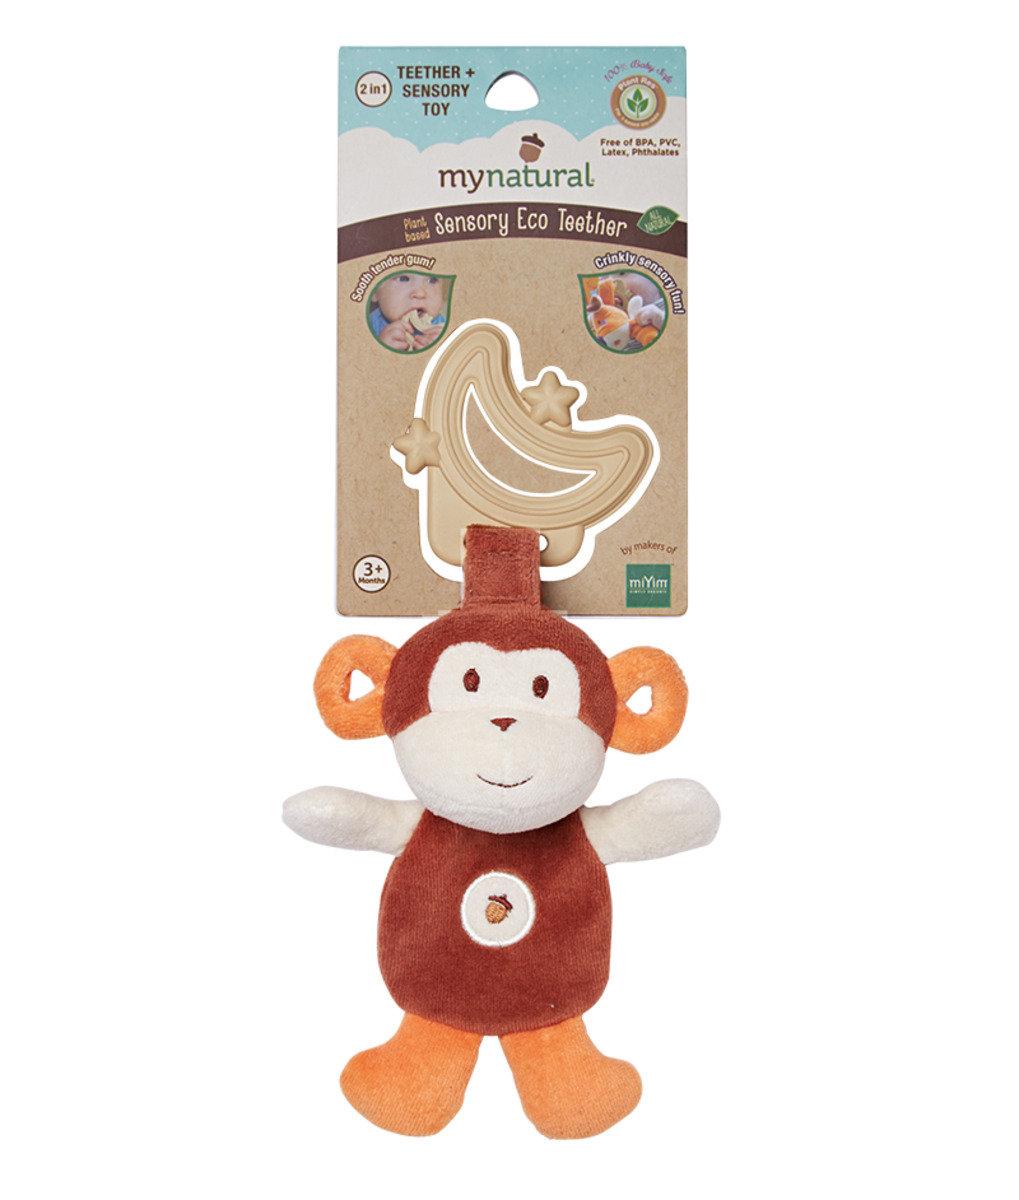 有機棉牙膠 - 棕色小猴